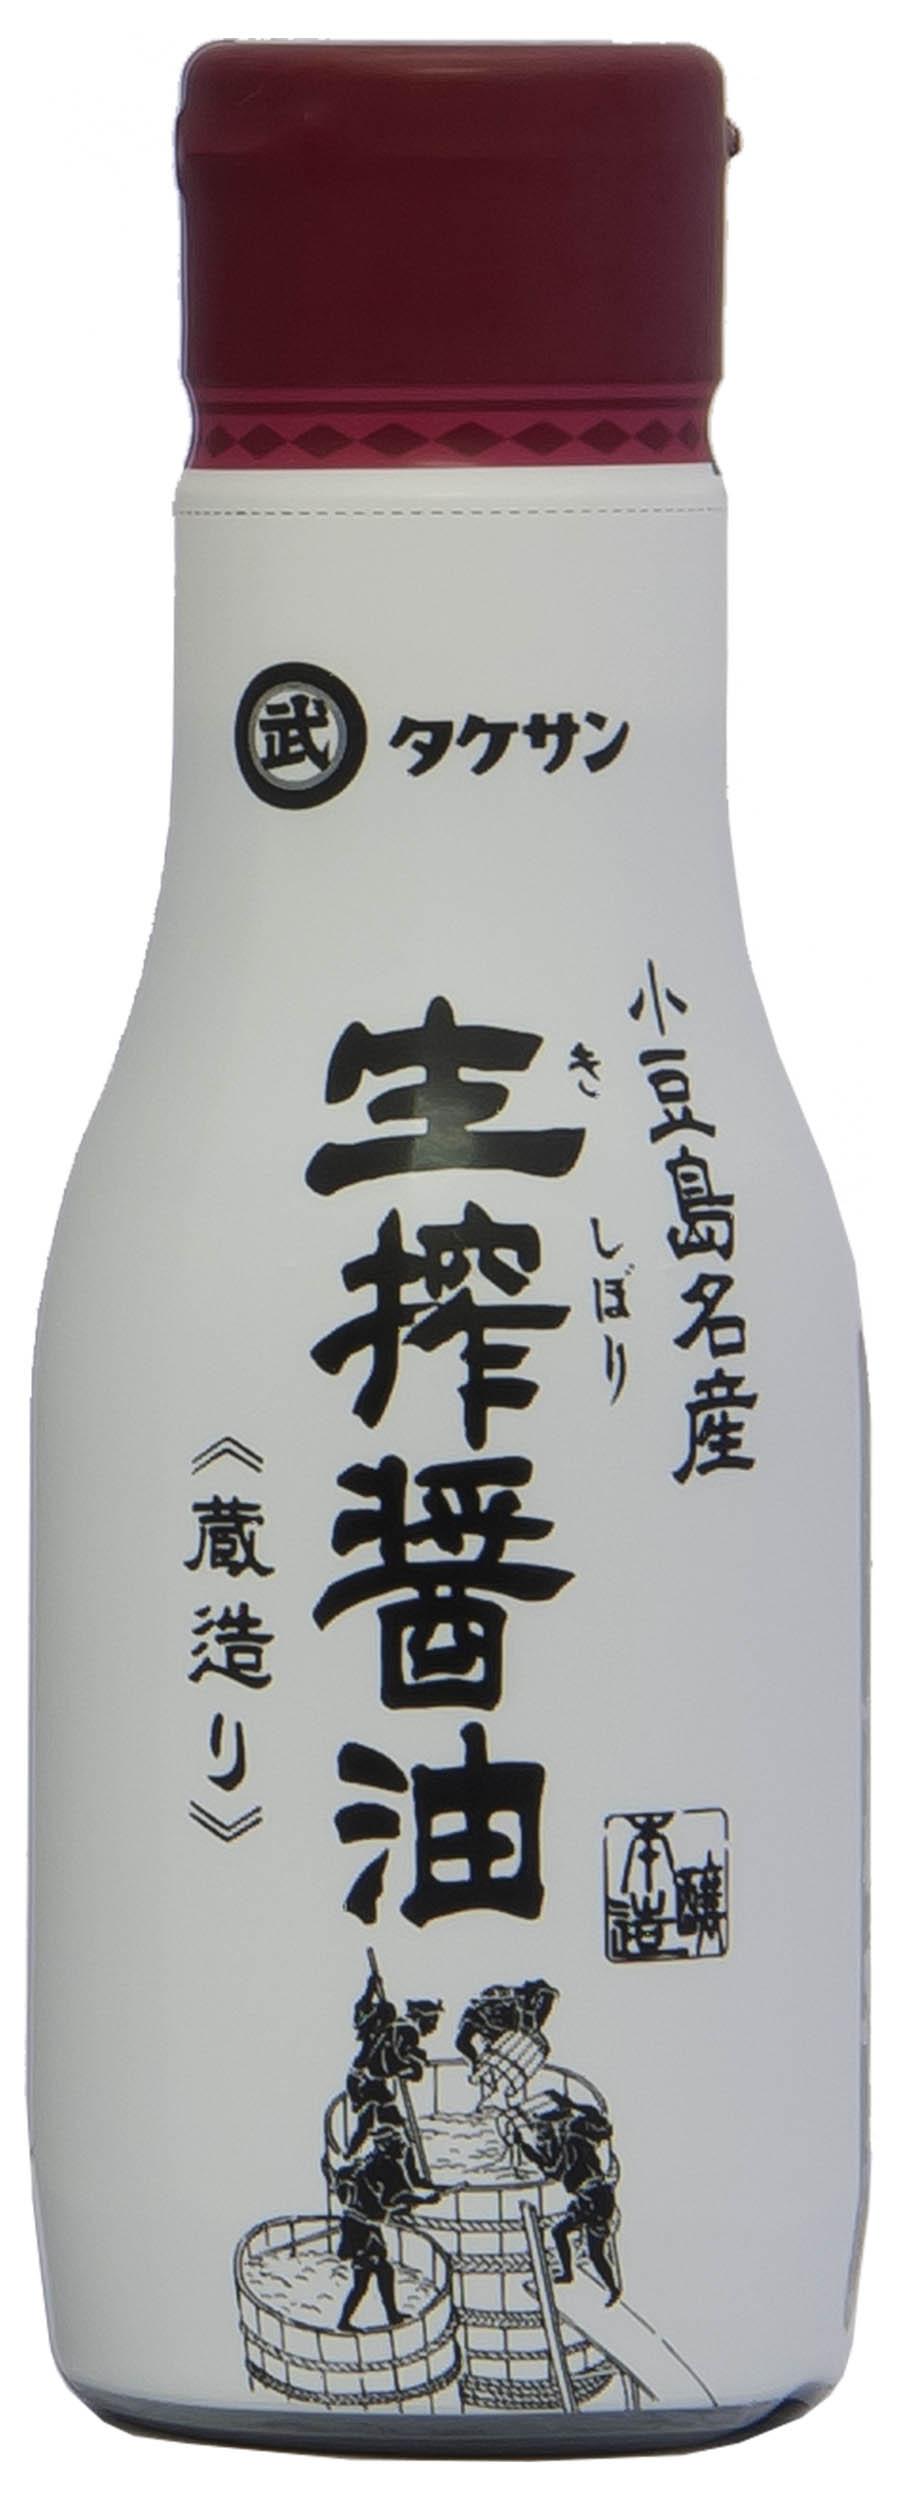 1039生搾醤油(鮮度ボトル)